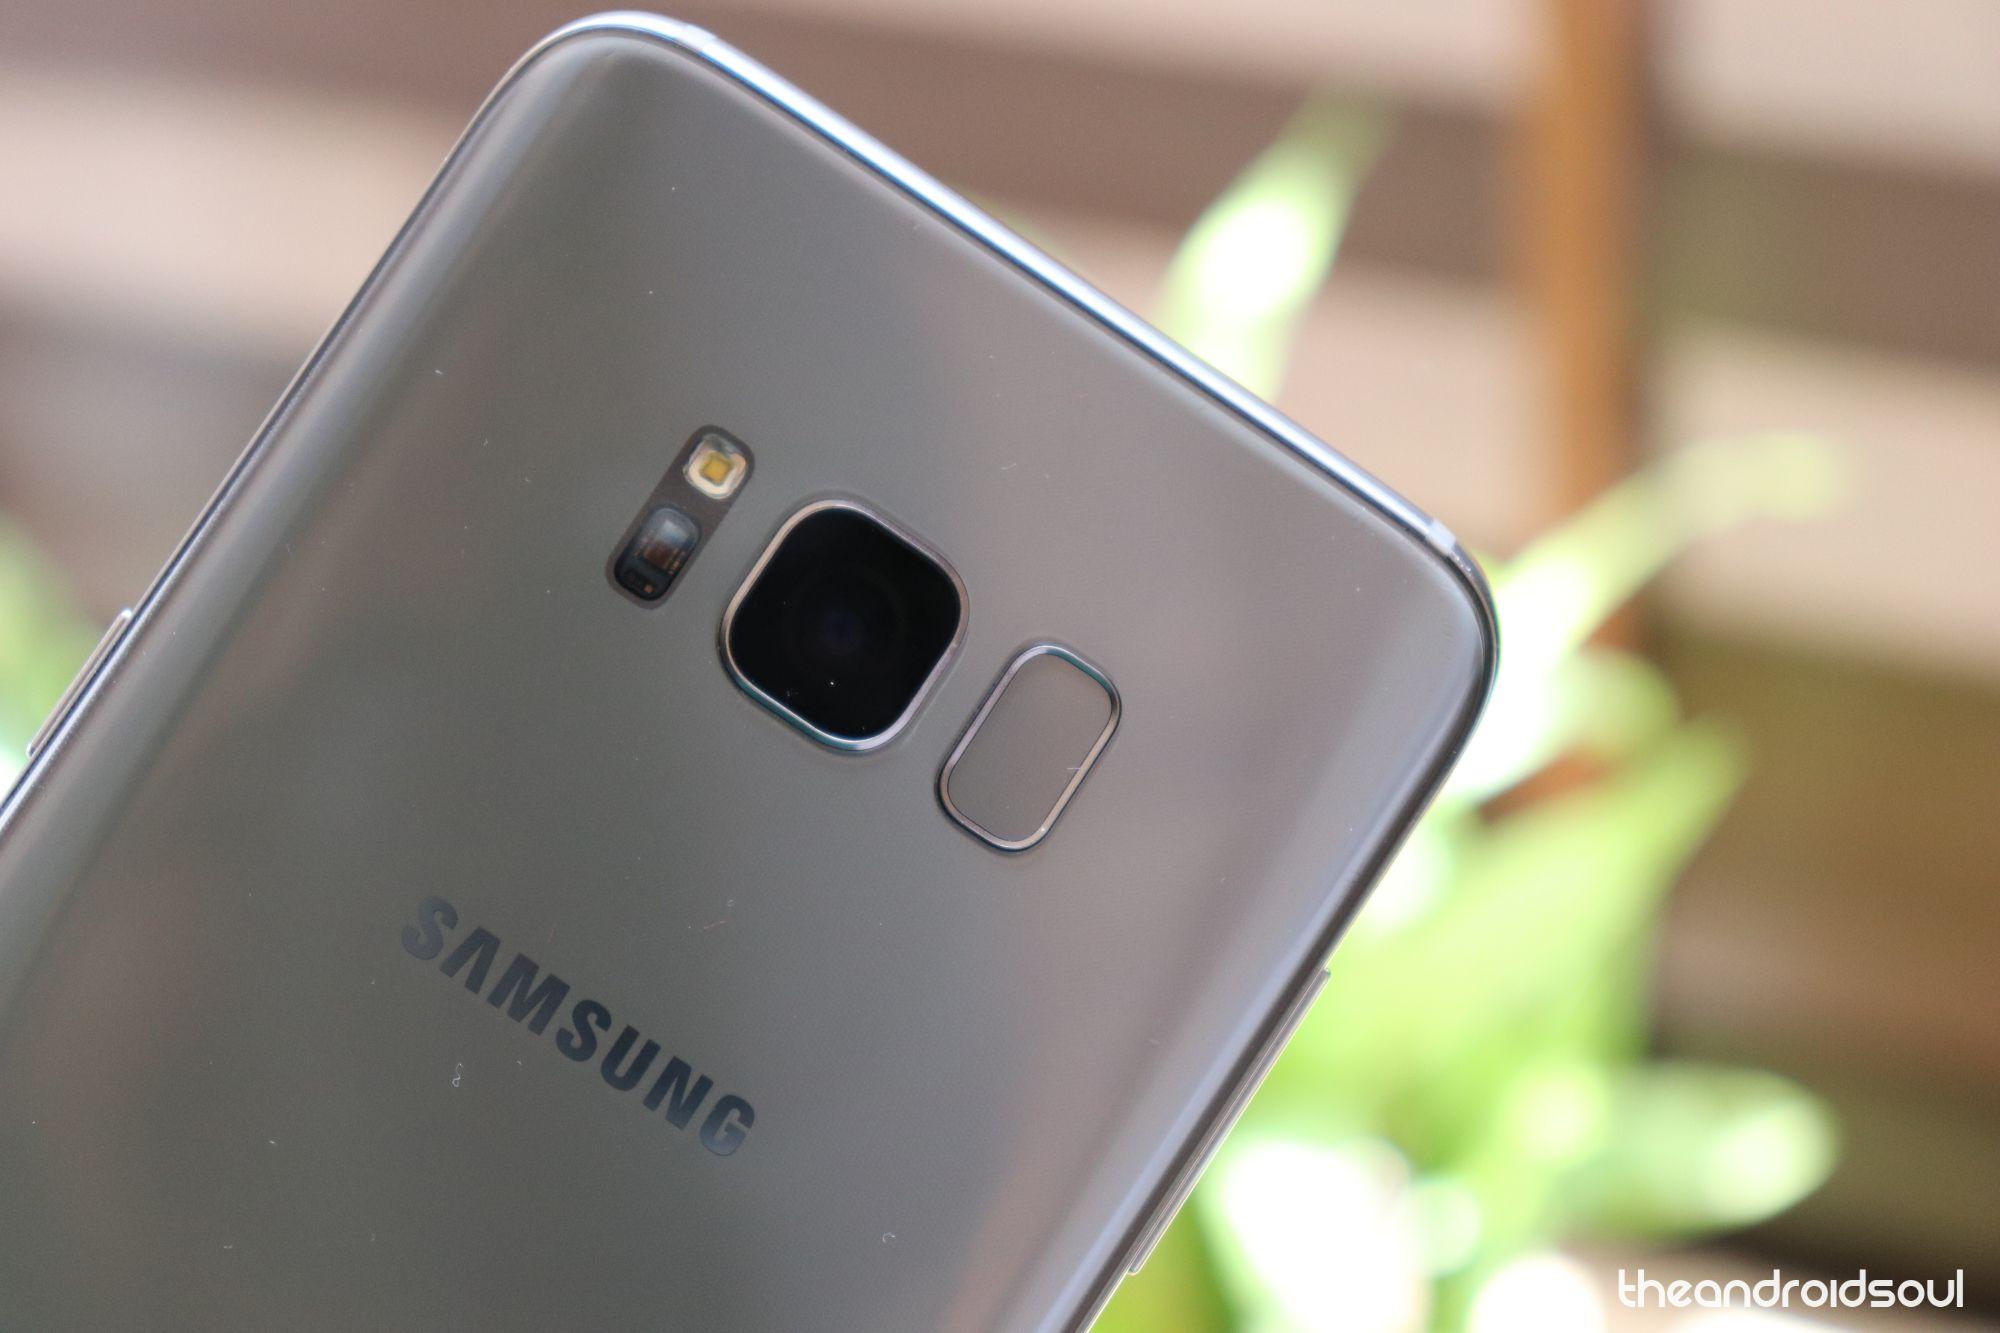 Samsung Galaxy S8 update news